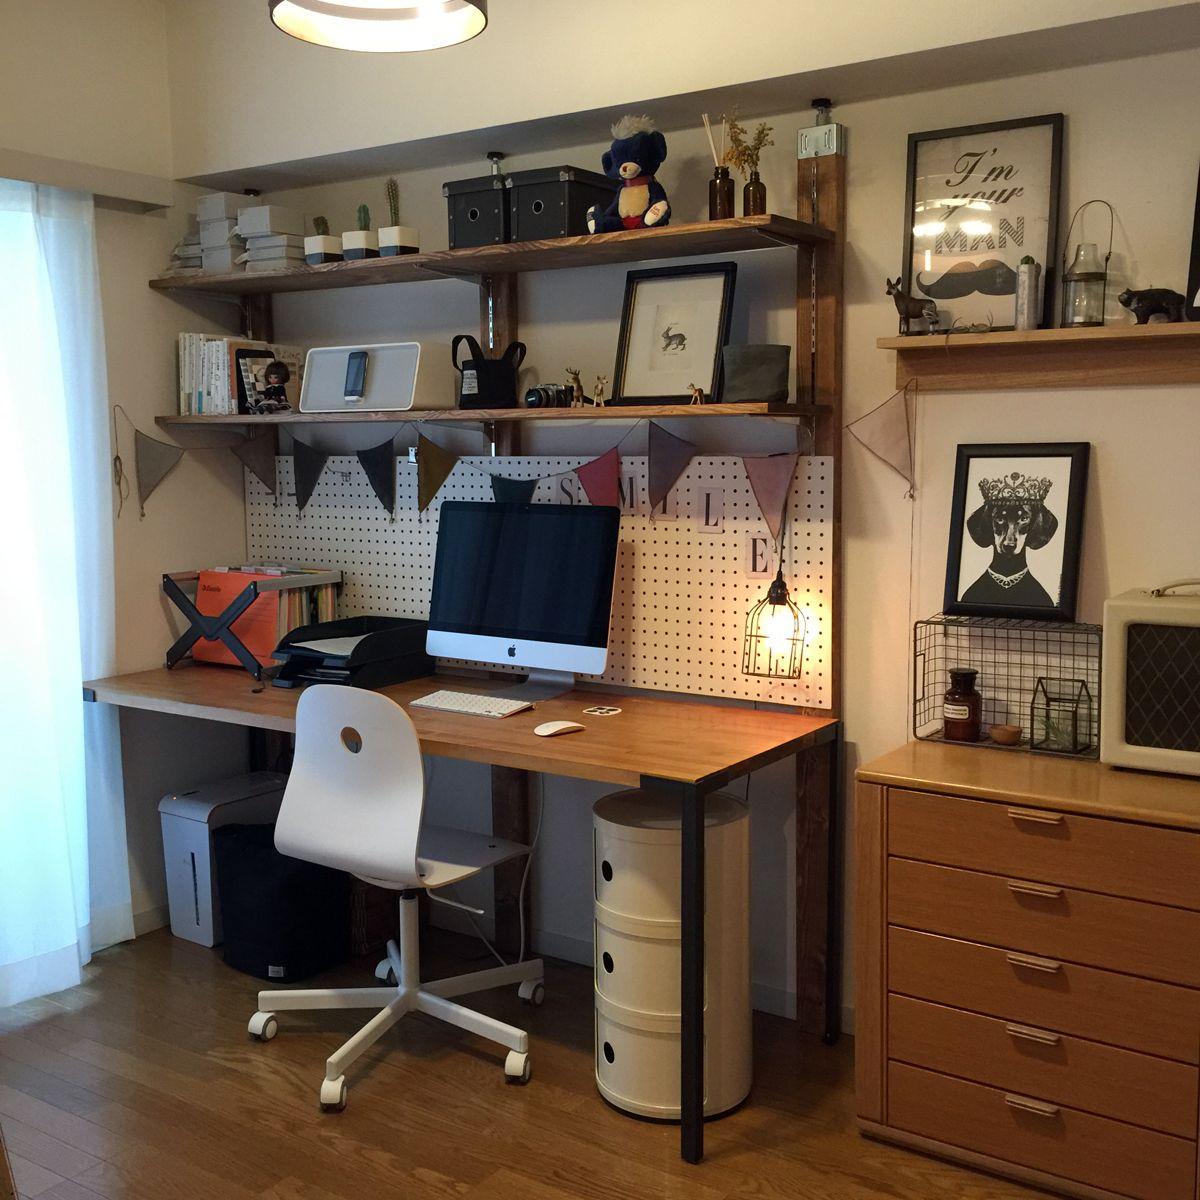 今月の初めに仕事用のデスクと棚を自作しました なかなか快適です